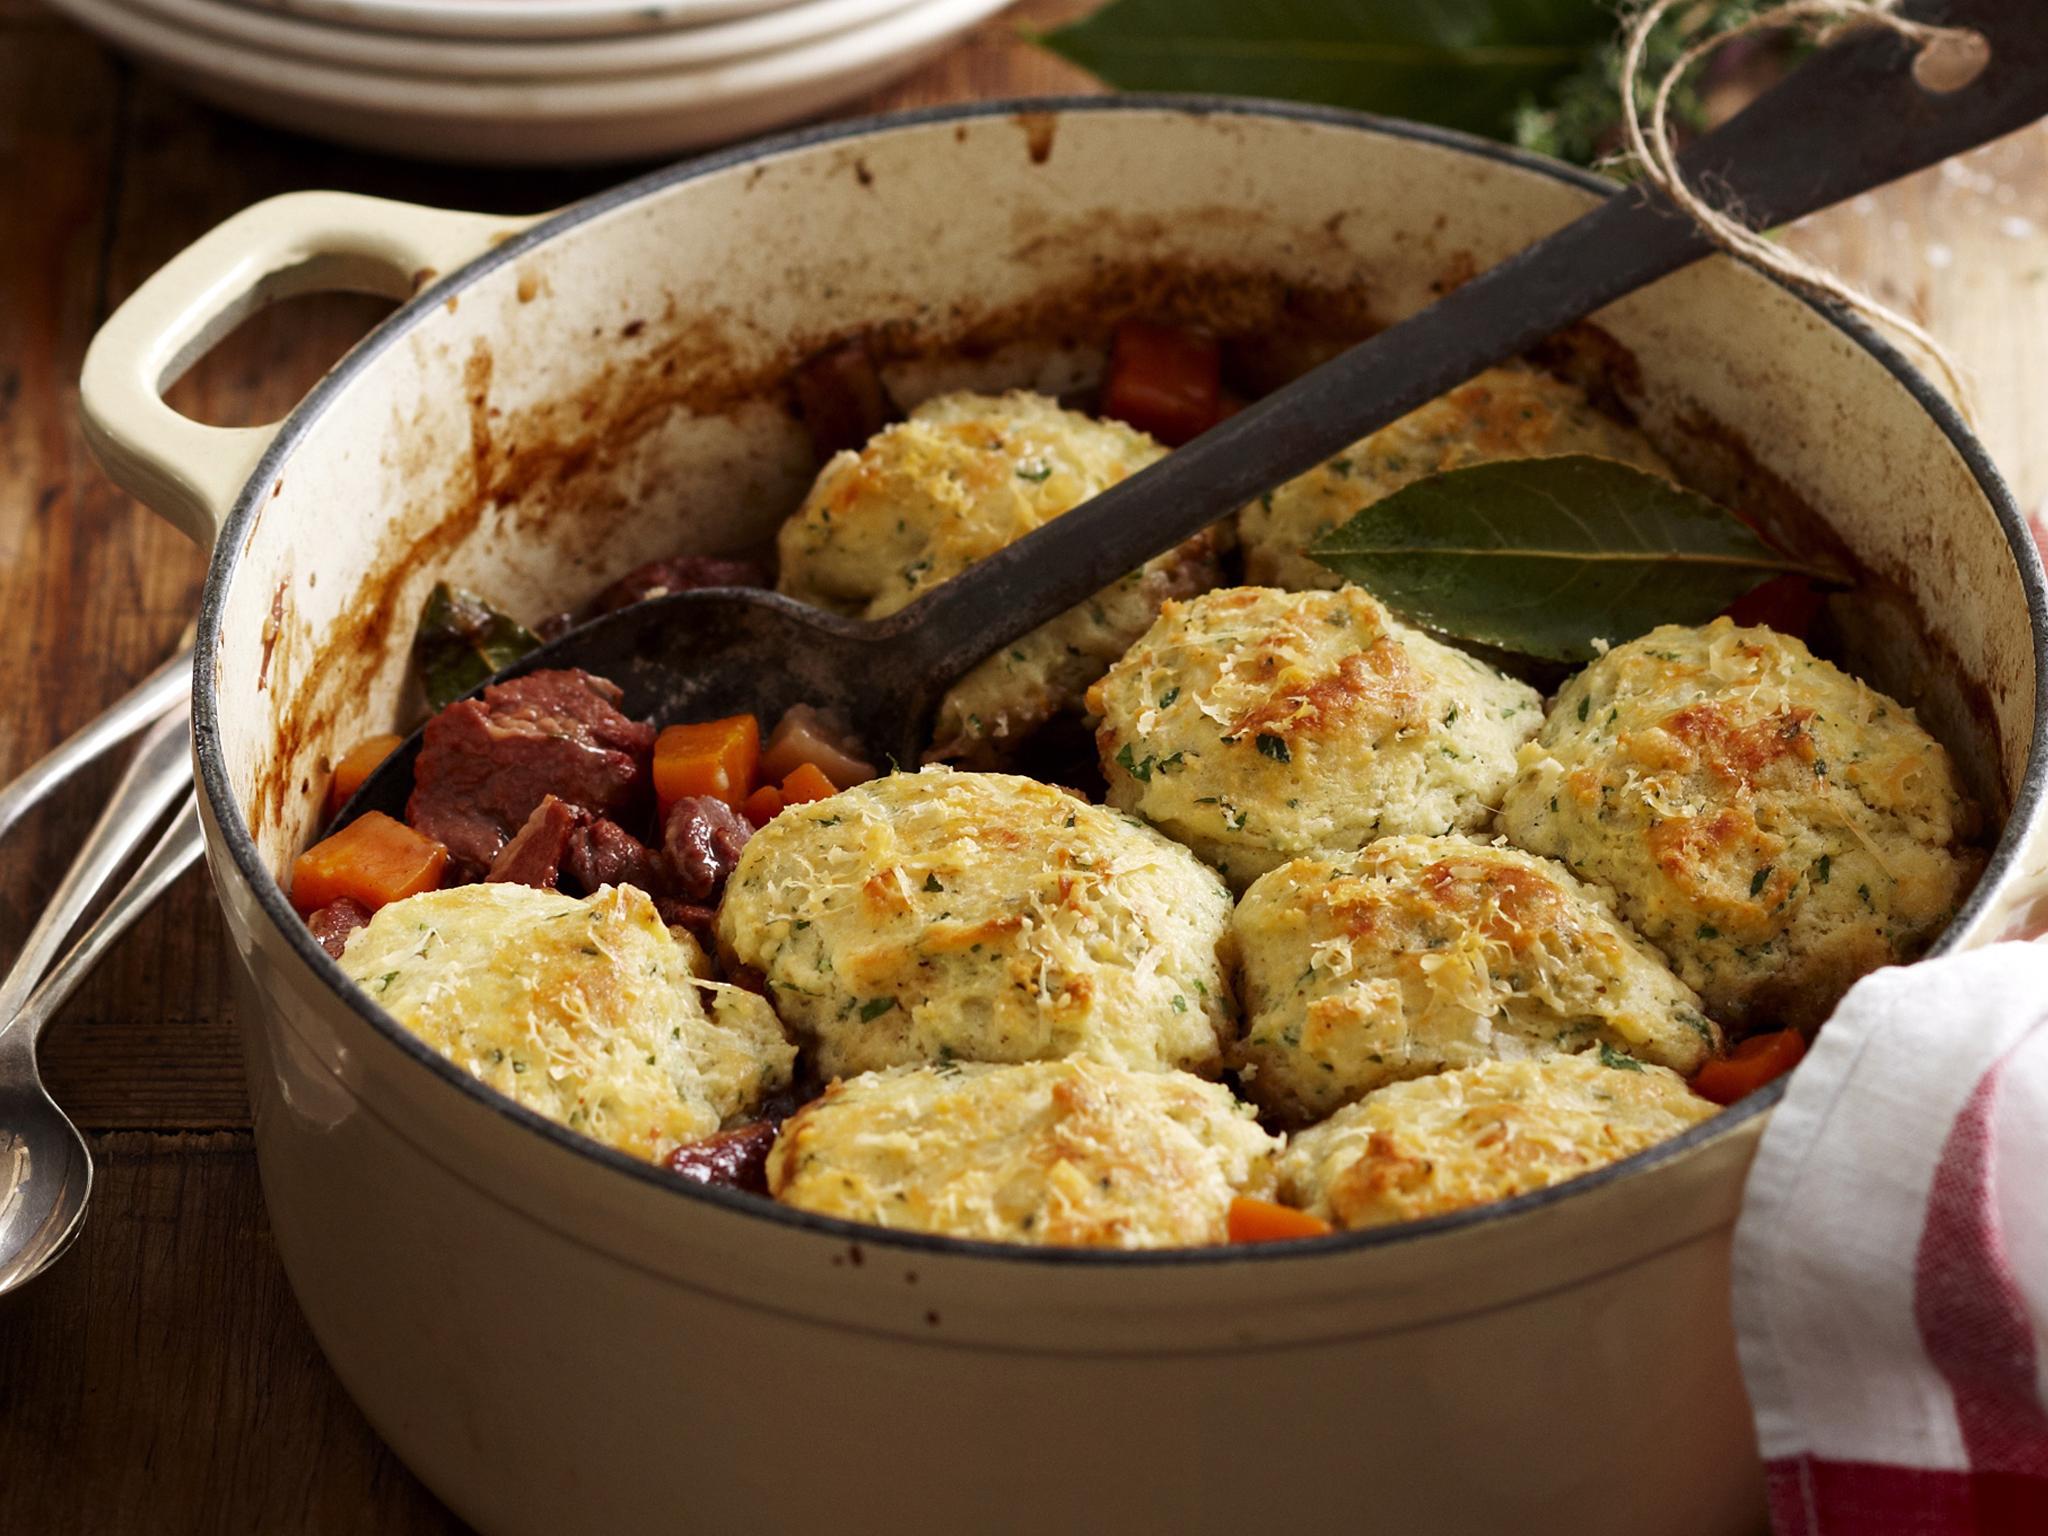 Beef Soup with Dumplings